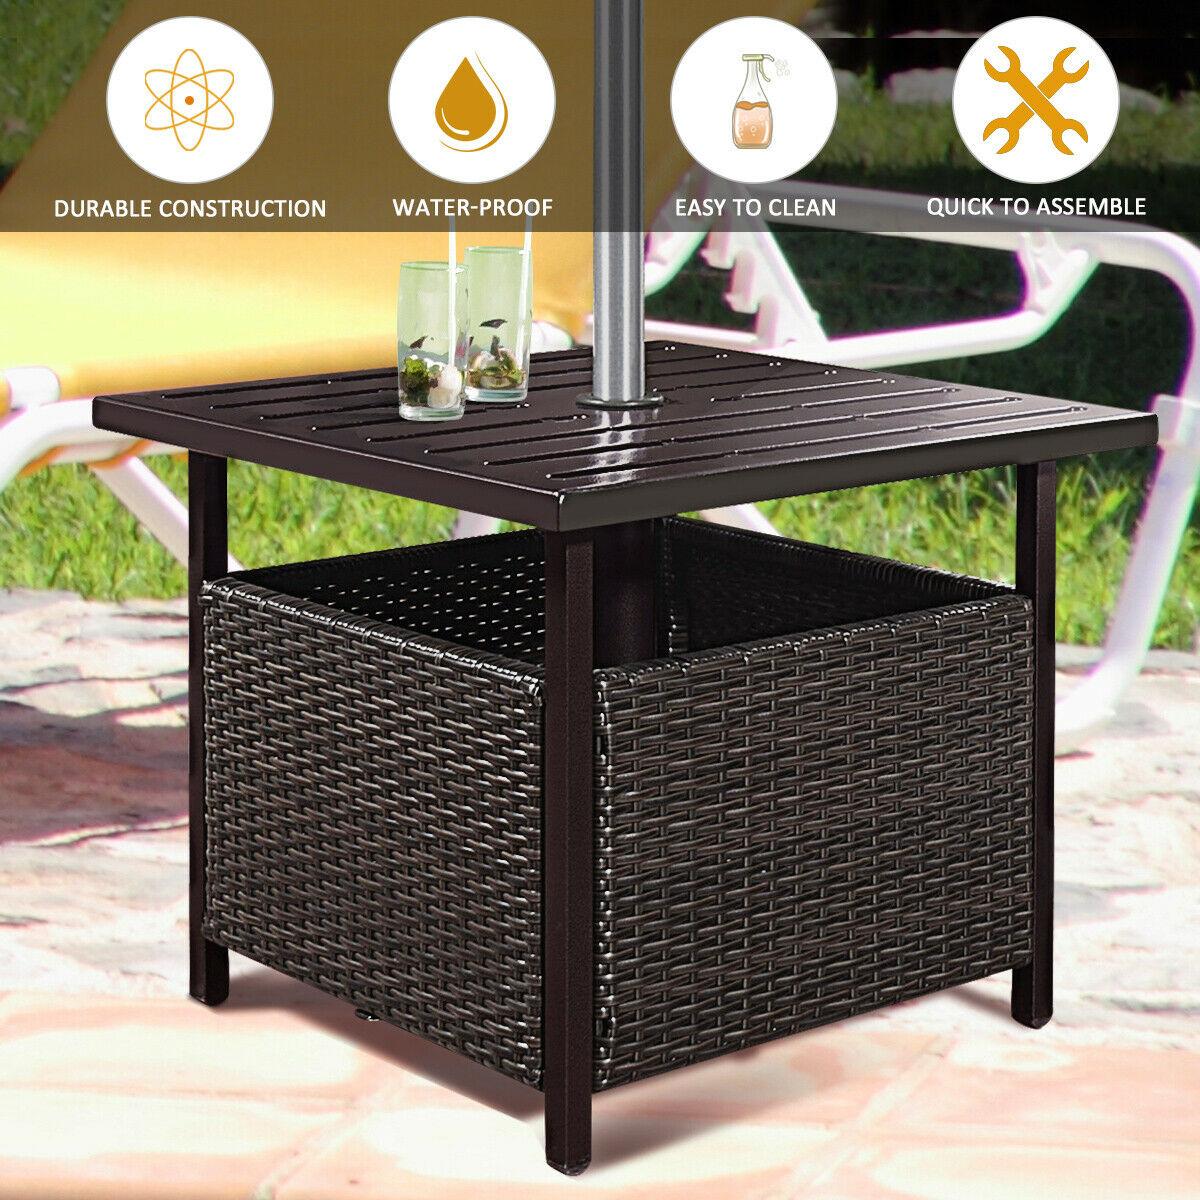 Costway Brown Rattan Wicker Steel Side Table Outdoor Furniture Deck Garden  Patio Pool